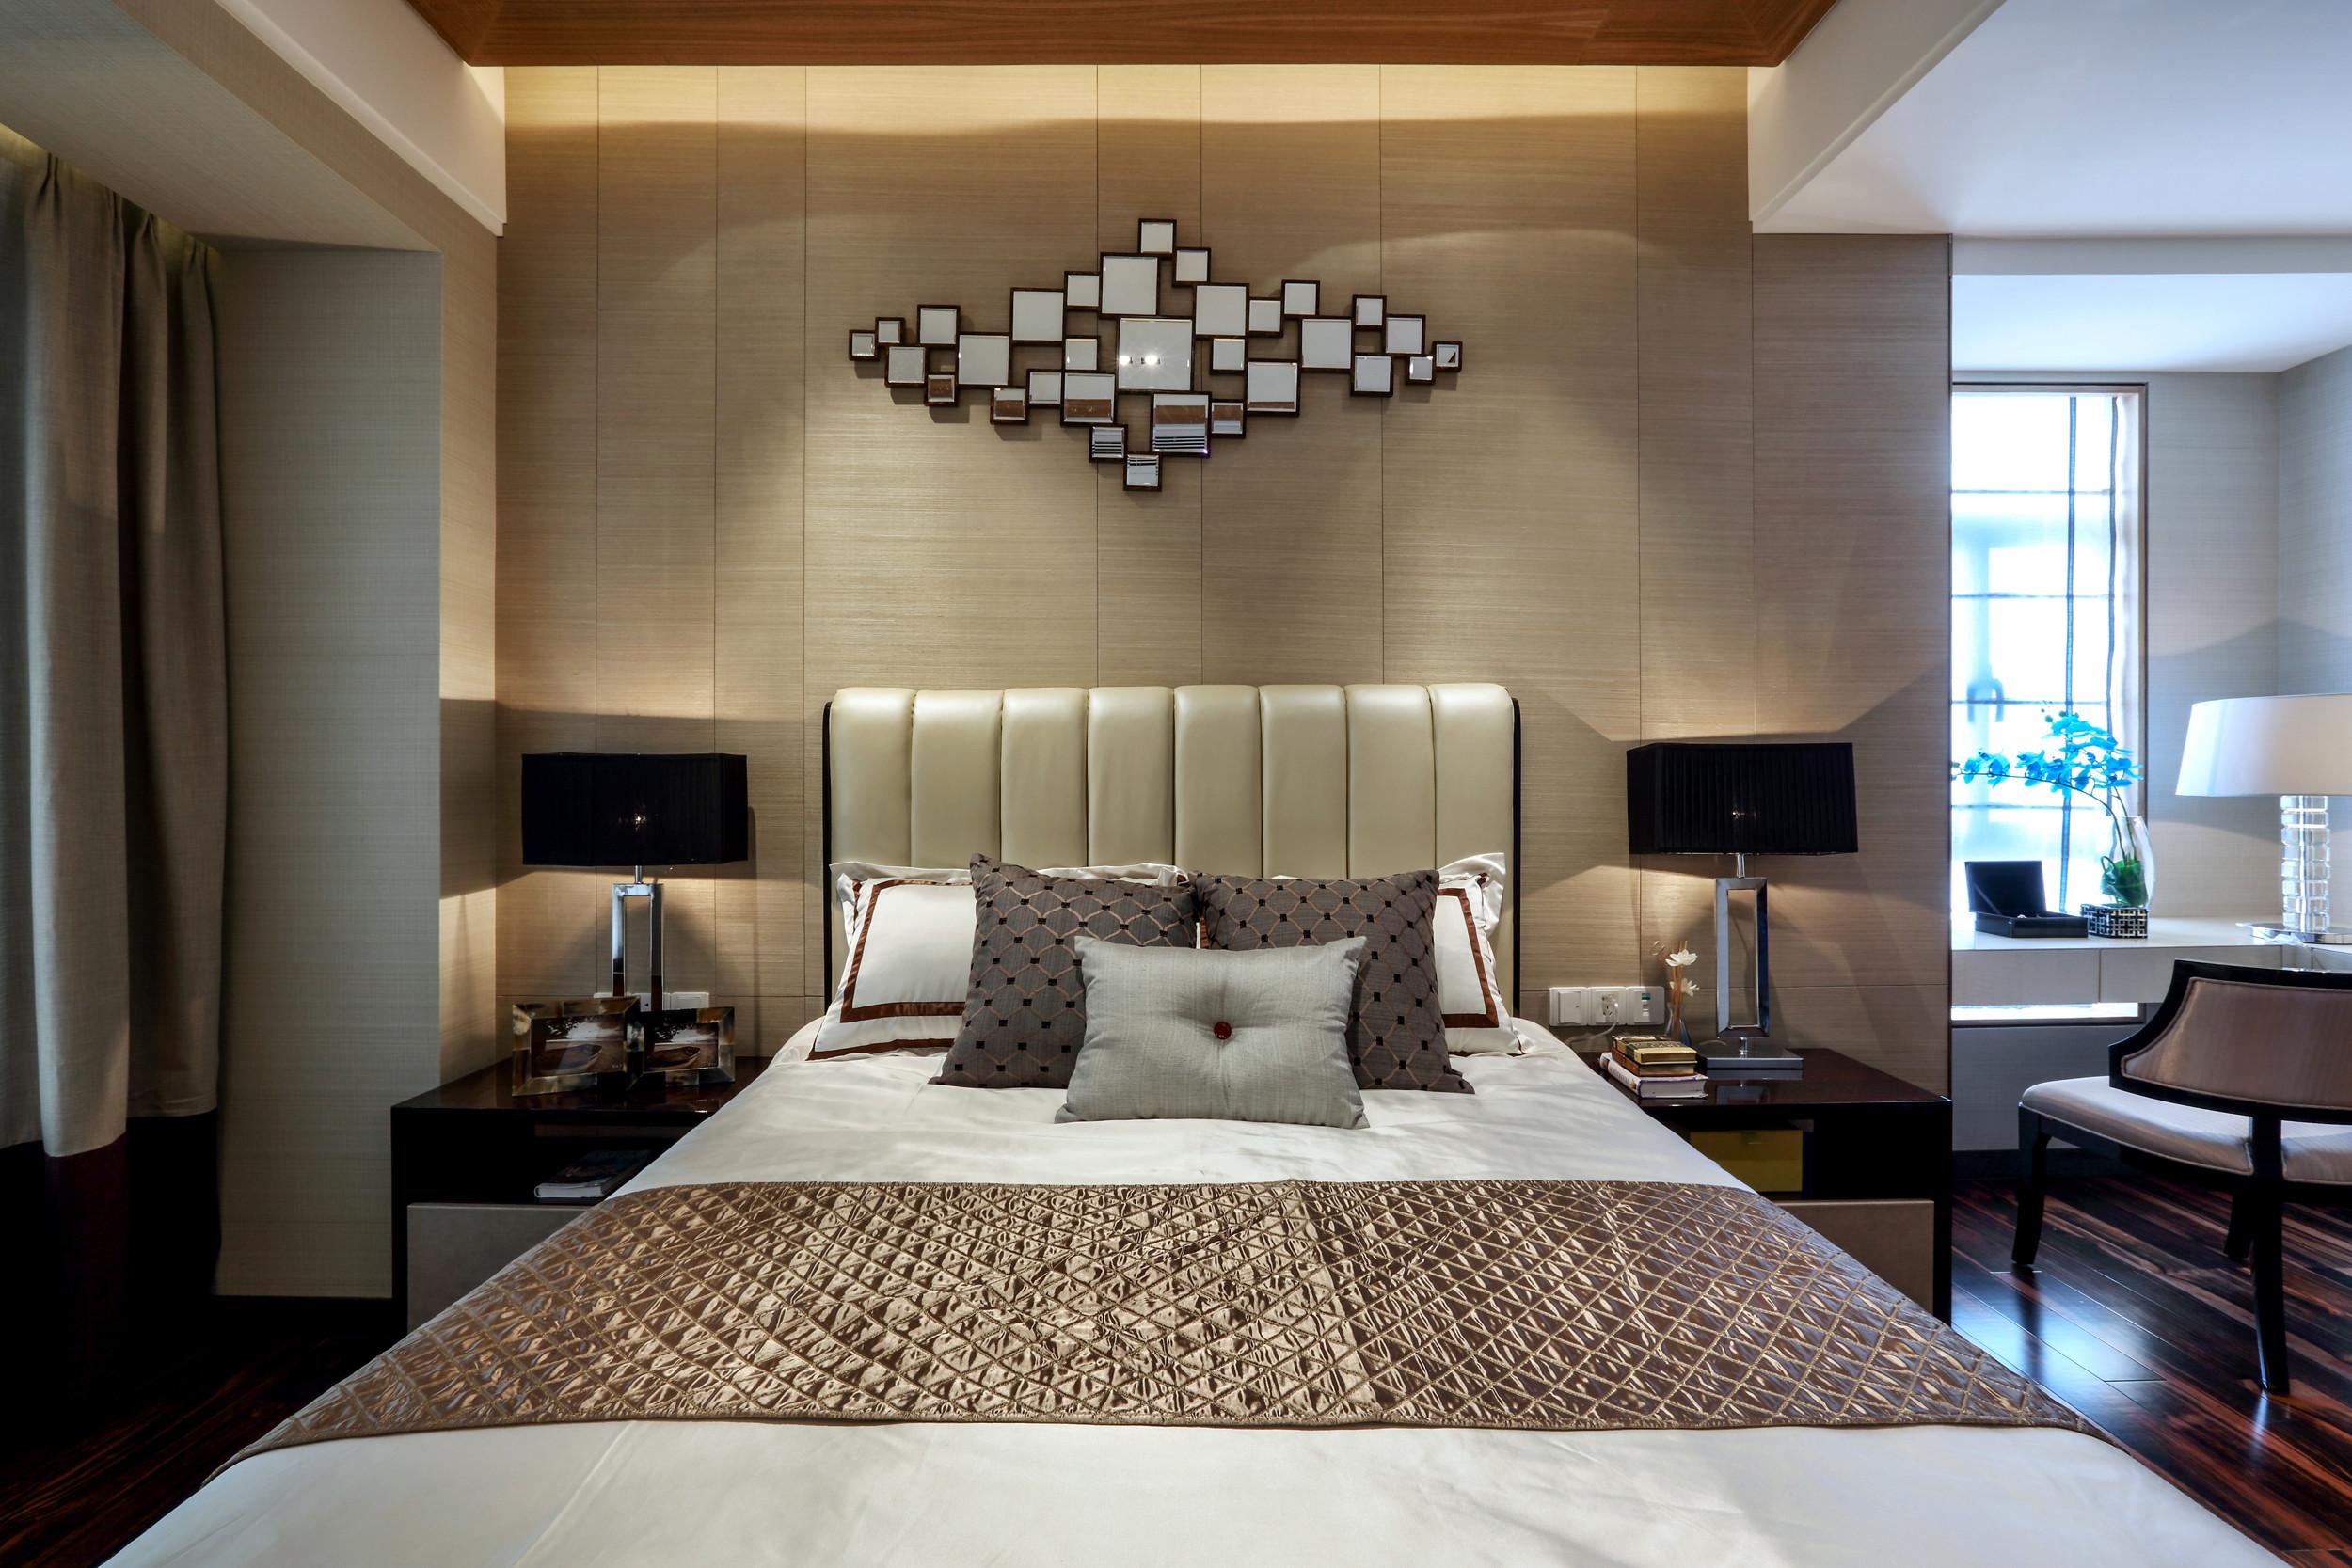 现代中式样板房装修卧室背景墙设计